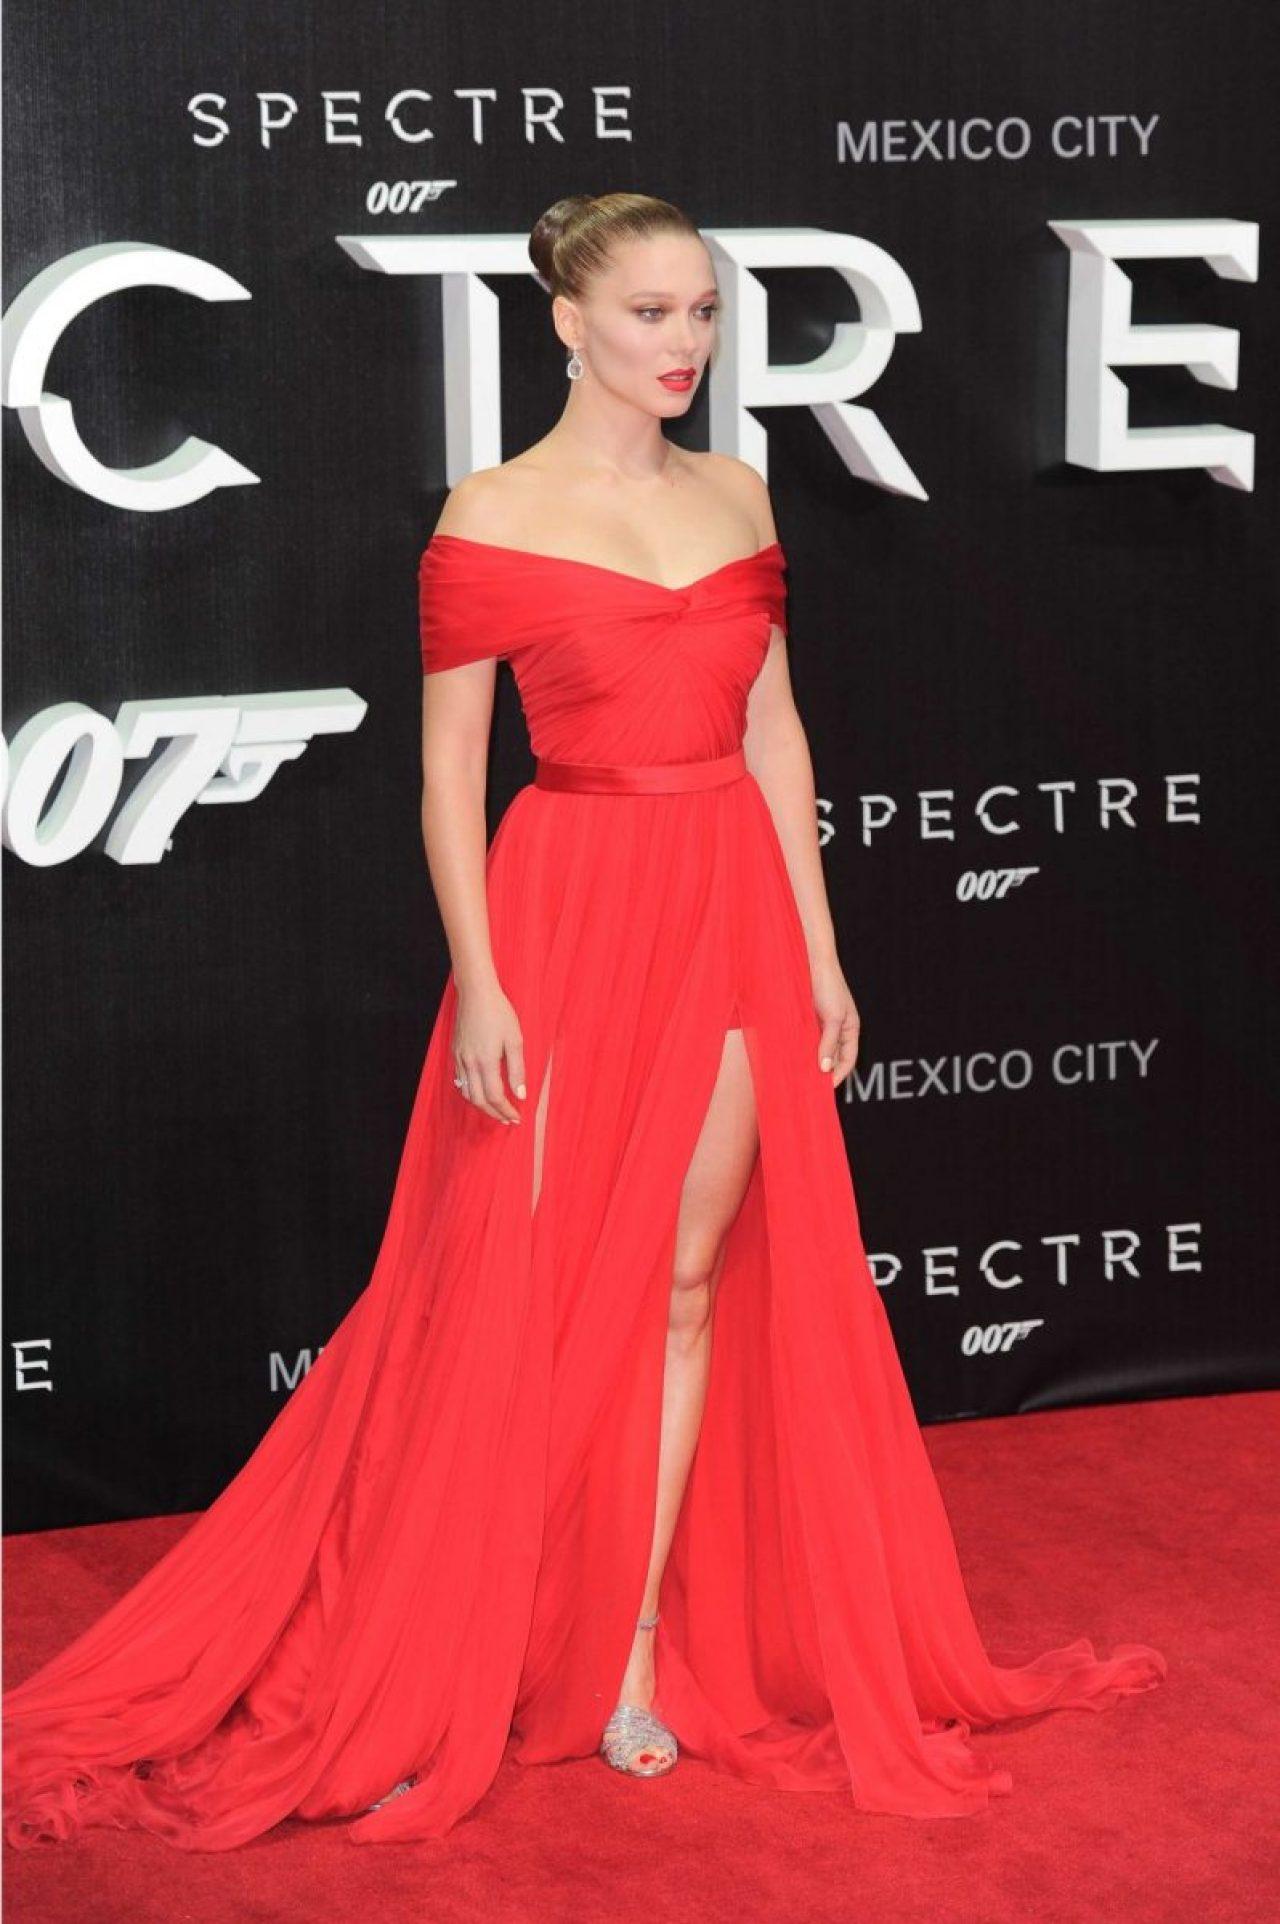 lea-seydoux-james-bond-spectre-latin-america-film-premiere-in-mexico-city_3